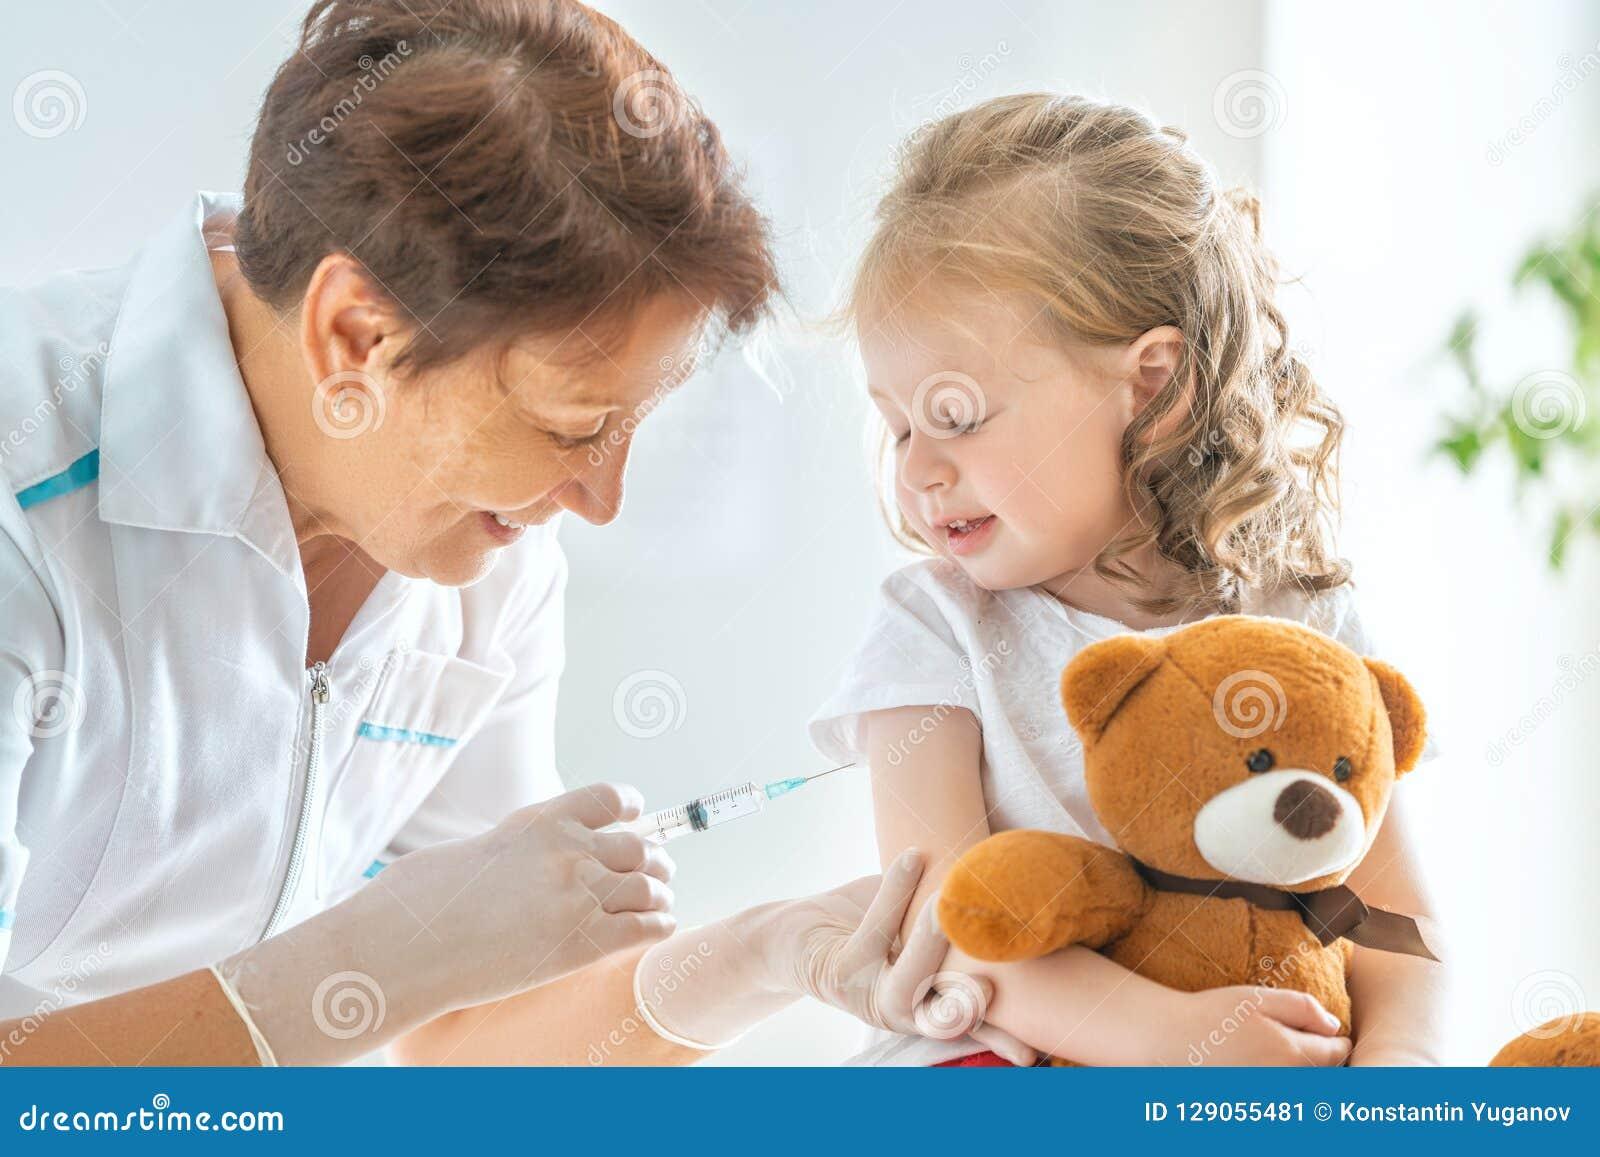 Vacunación a un niño